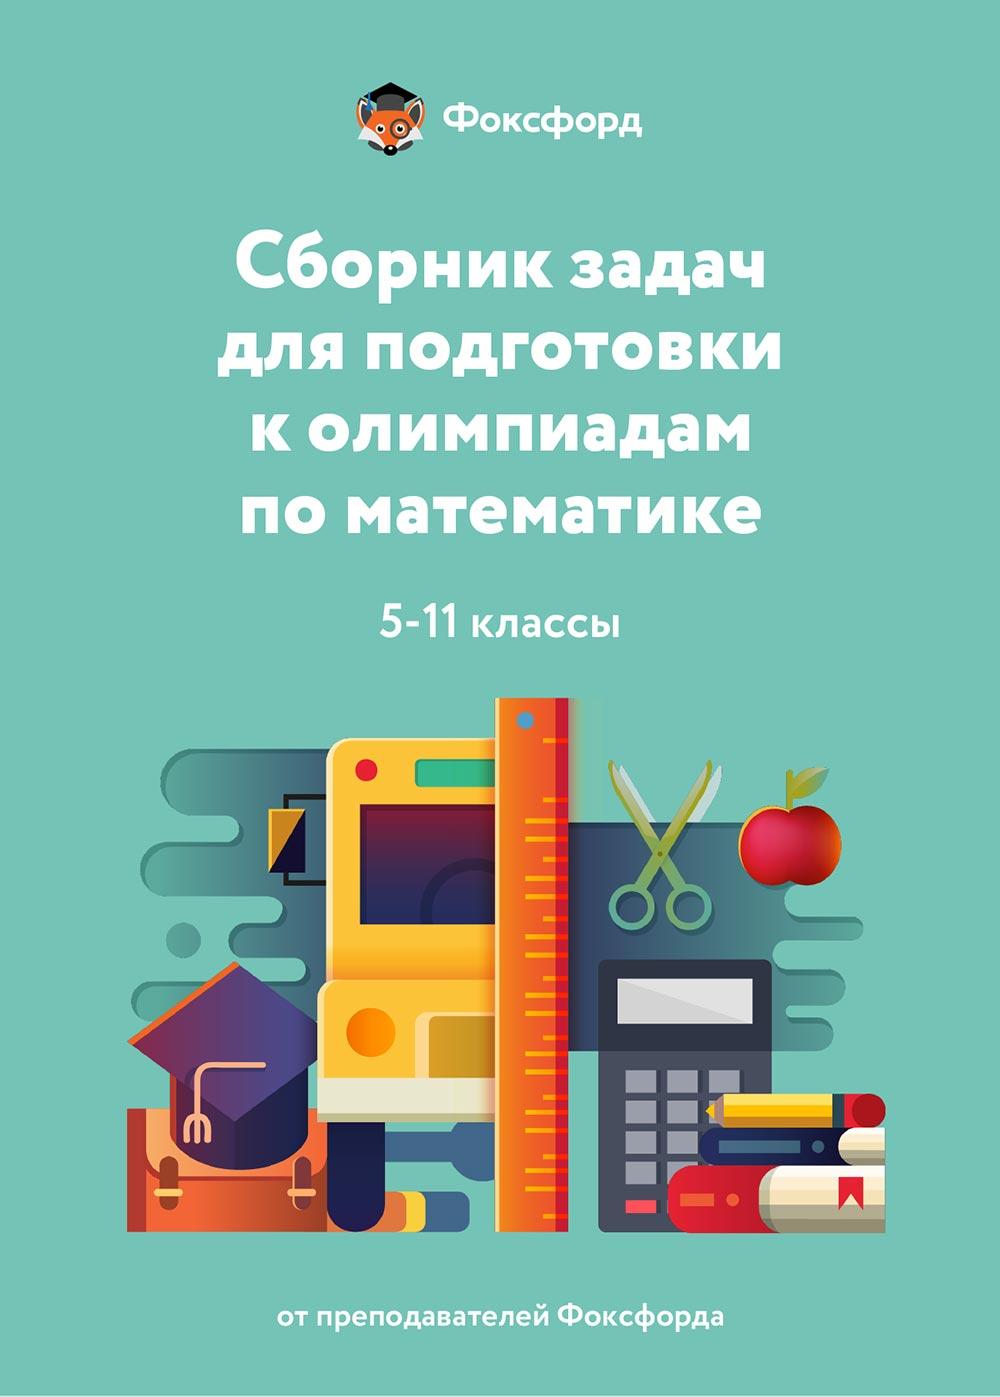 Сборник задач для подготовки к олимпиадам по математике